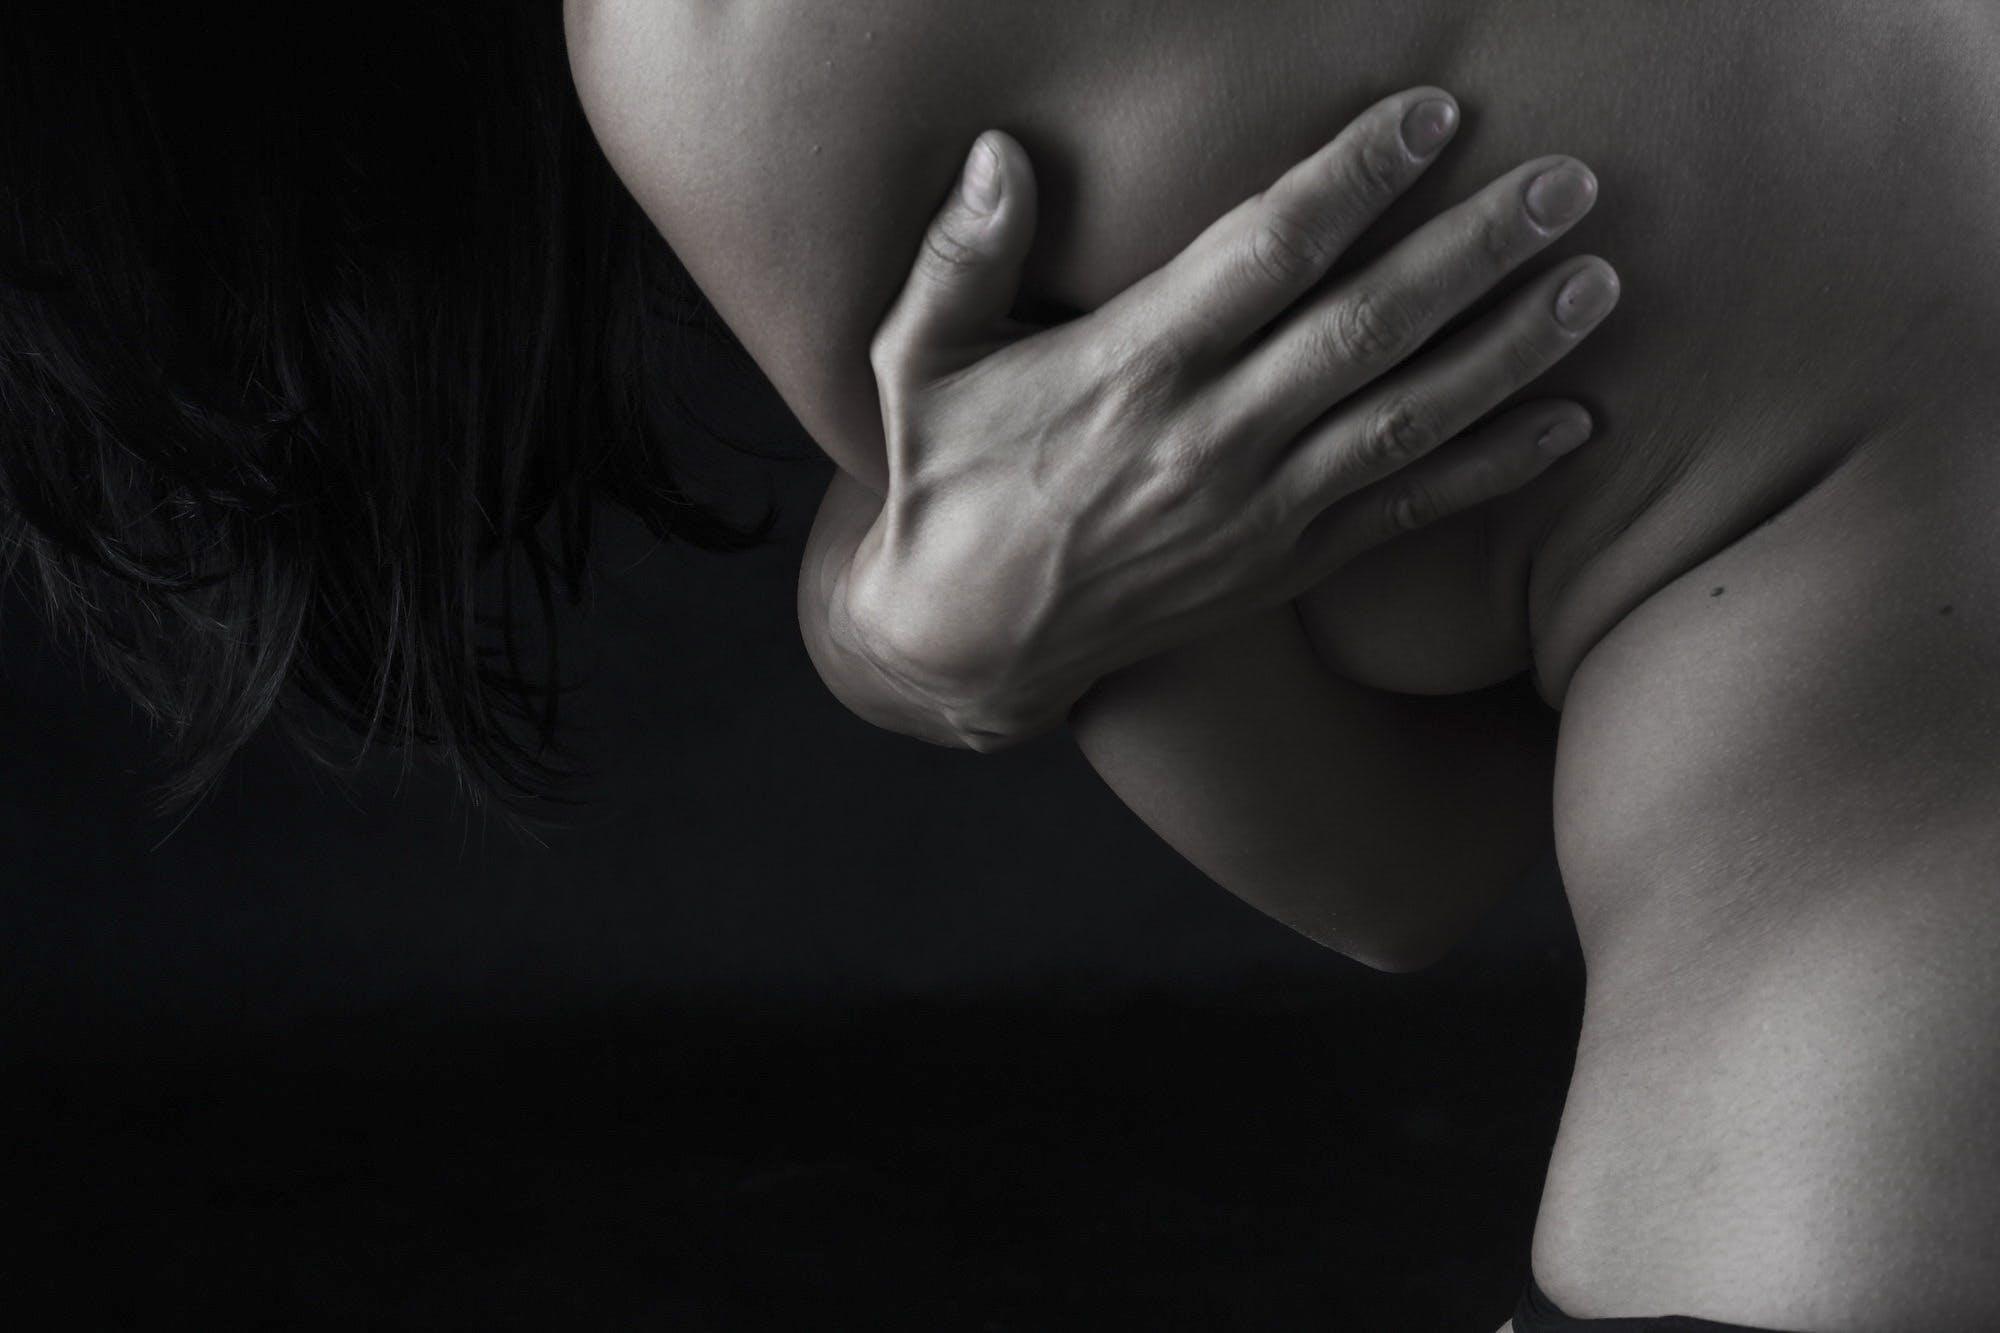 Gratis arkivbilde med bryst, erotisk, forførende, fotoseanse